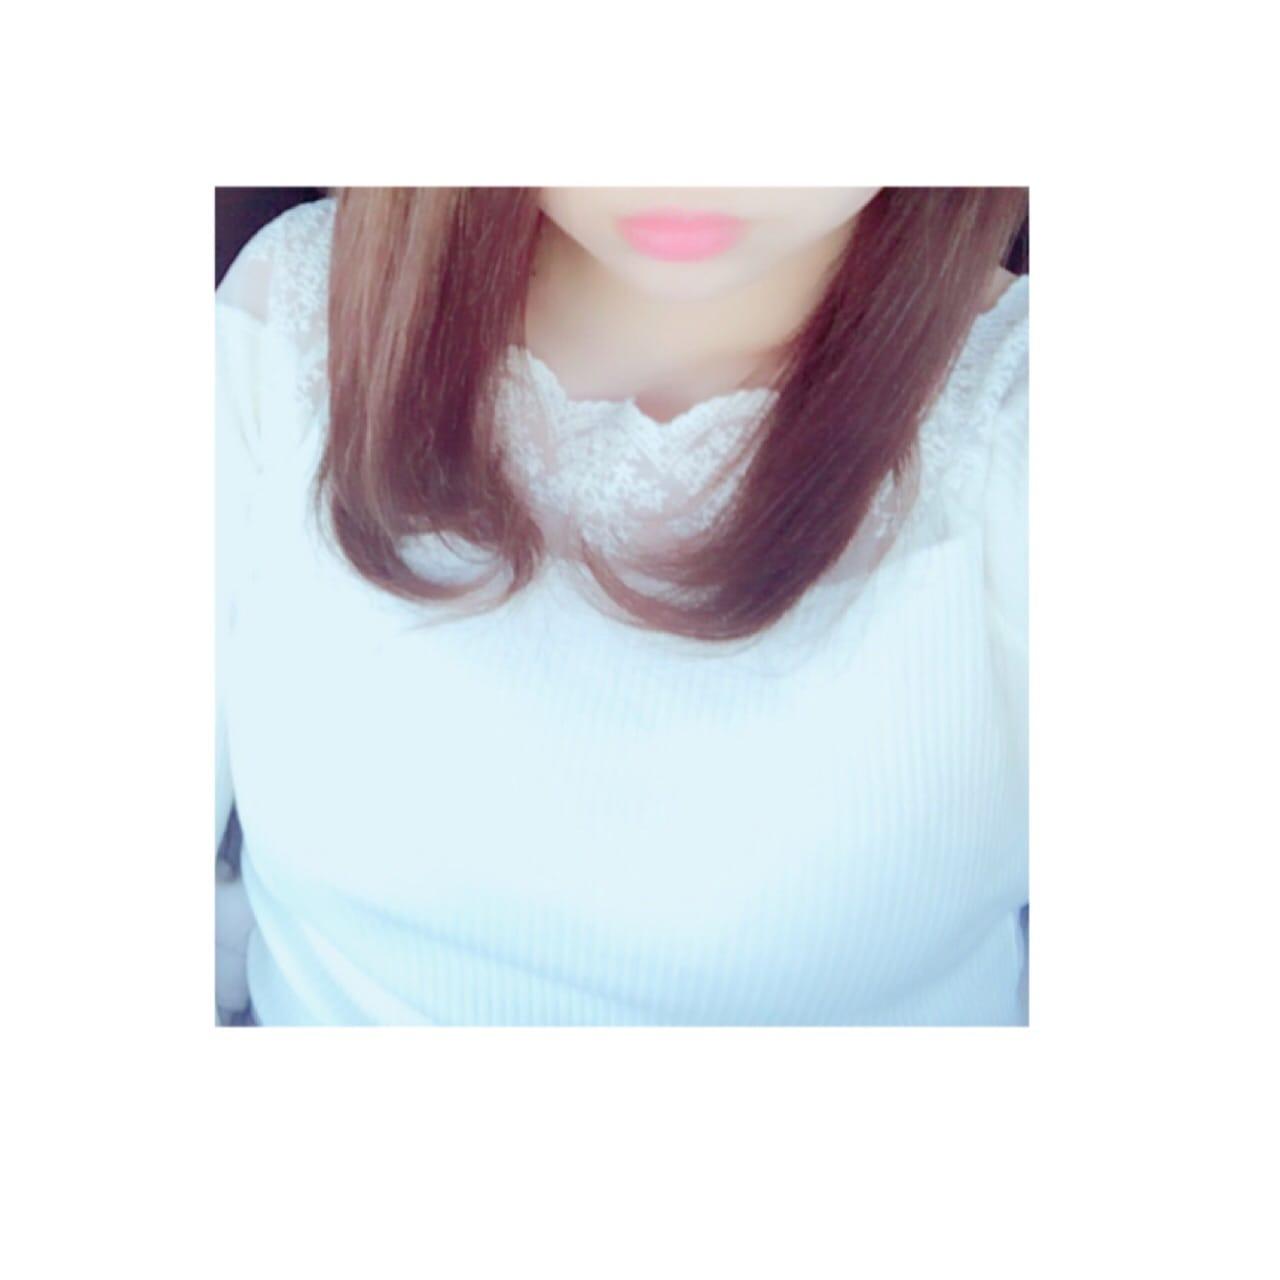 「*出勤*」01/27(01/27) 15:01 | つむぎの写メ・風俗動画